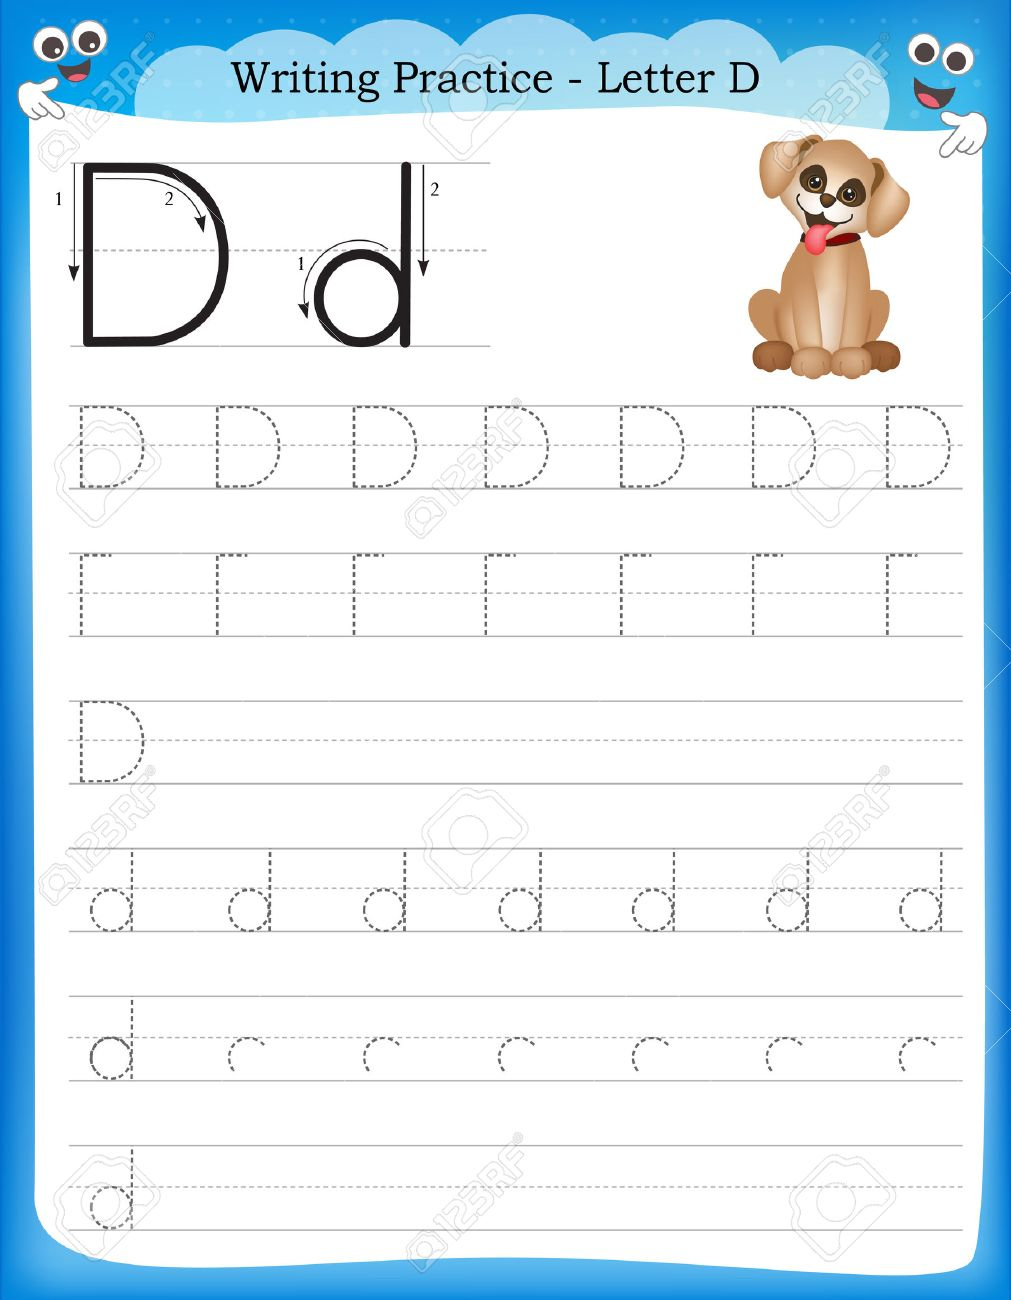 Práctica De Escritura La Letra D Hoja De Trabajo Infantil Para Pintar Preescolar Guardería Para Mejorar Las Habilidades Básicas De Escritura